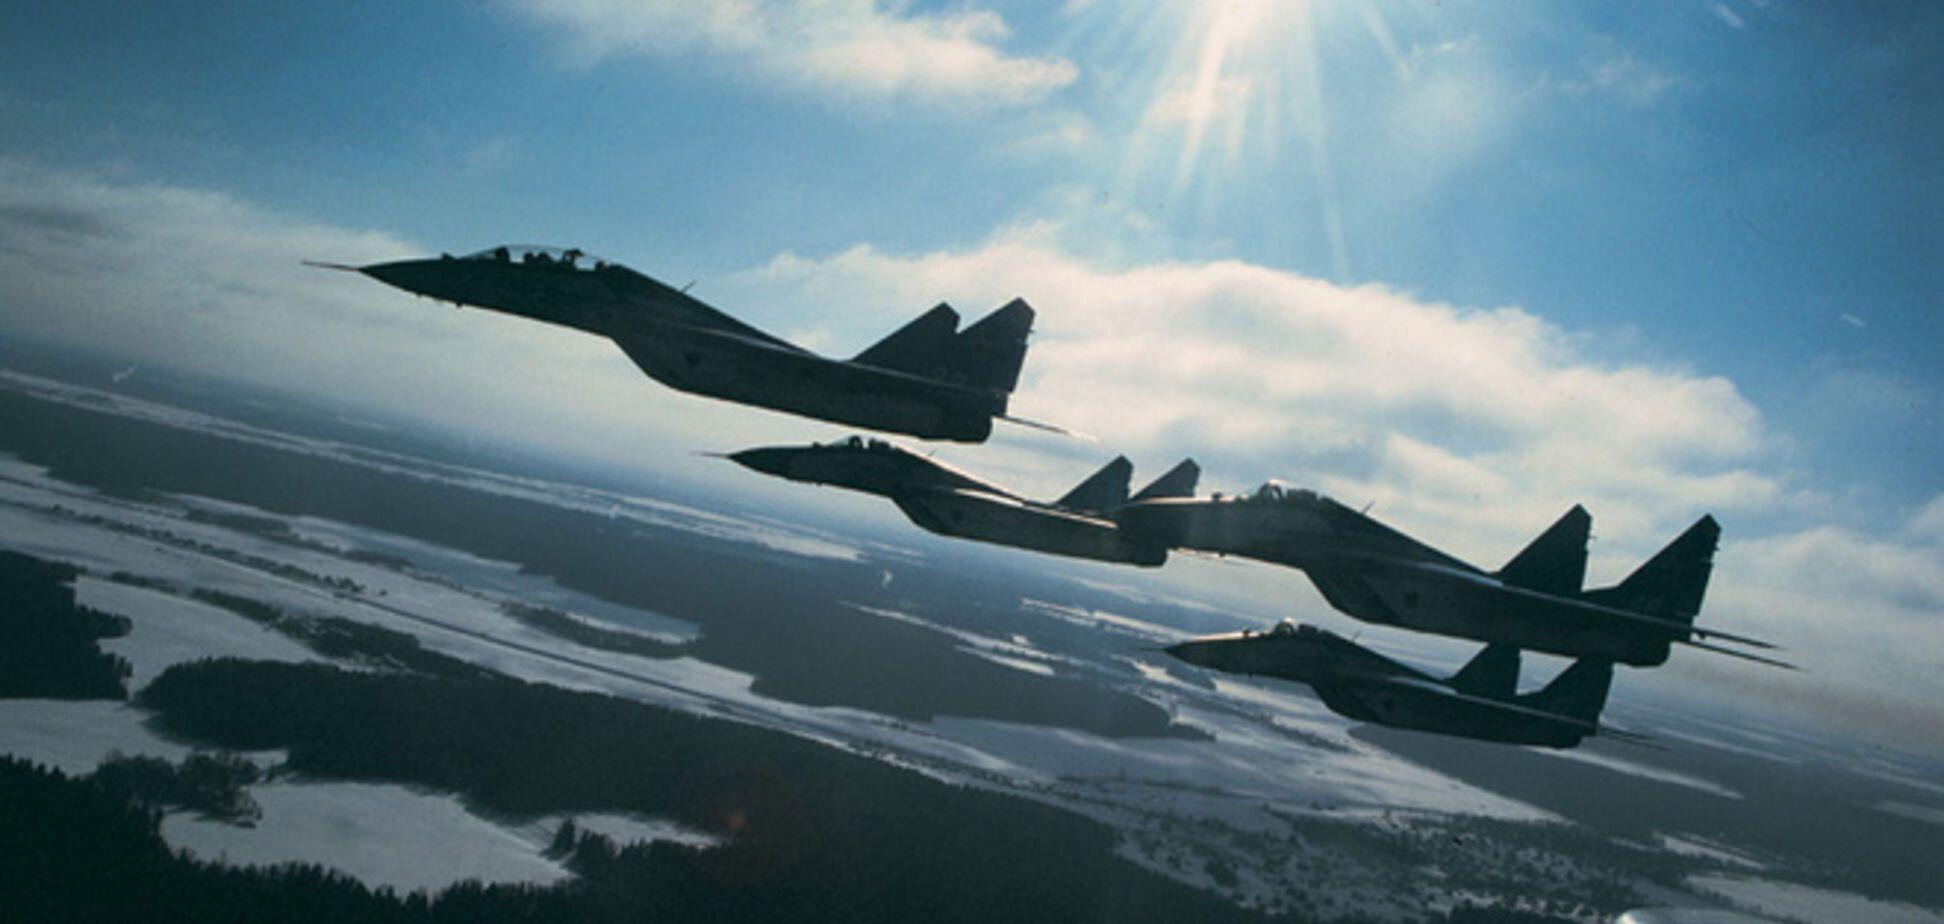 Російський дипломат: шведи бачать військову авіацію РФ завдяки марихуані